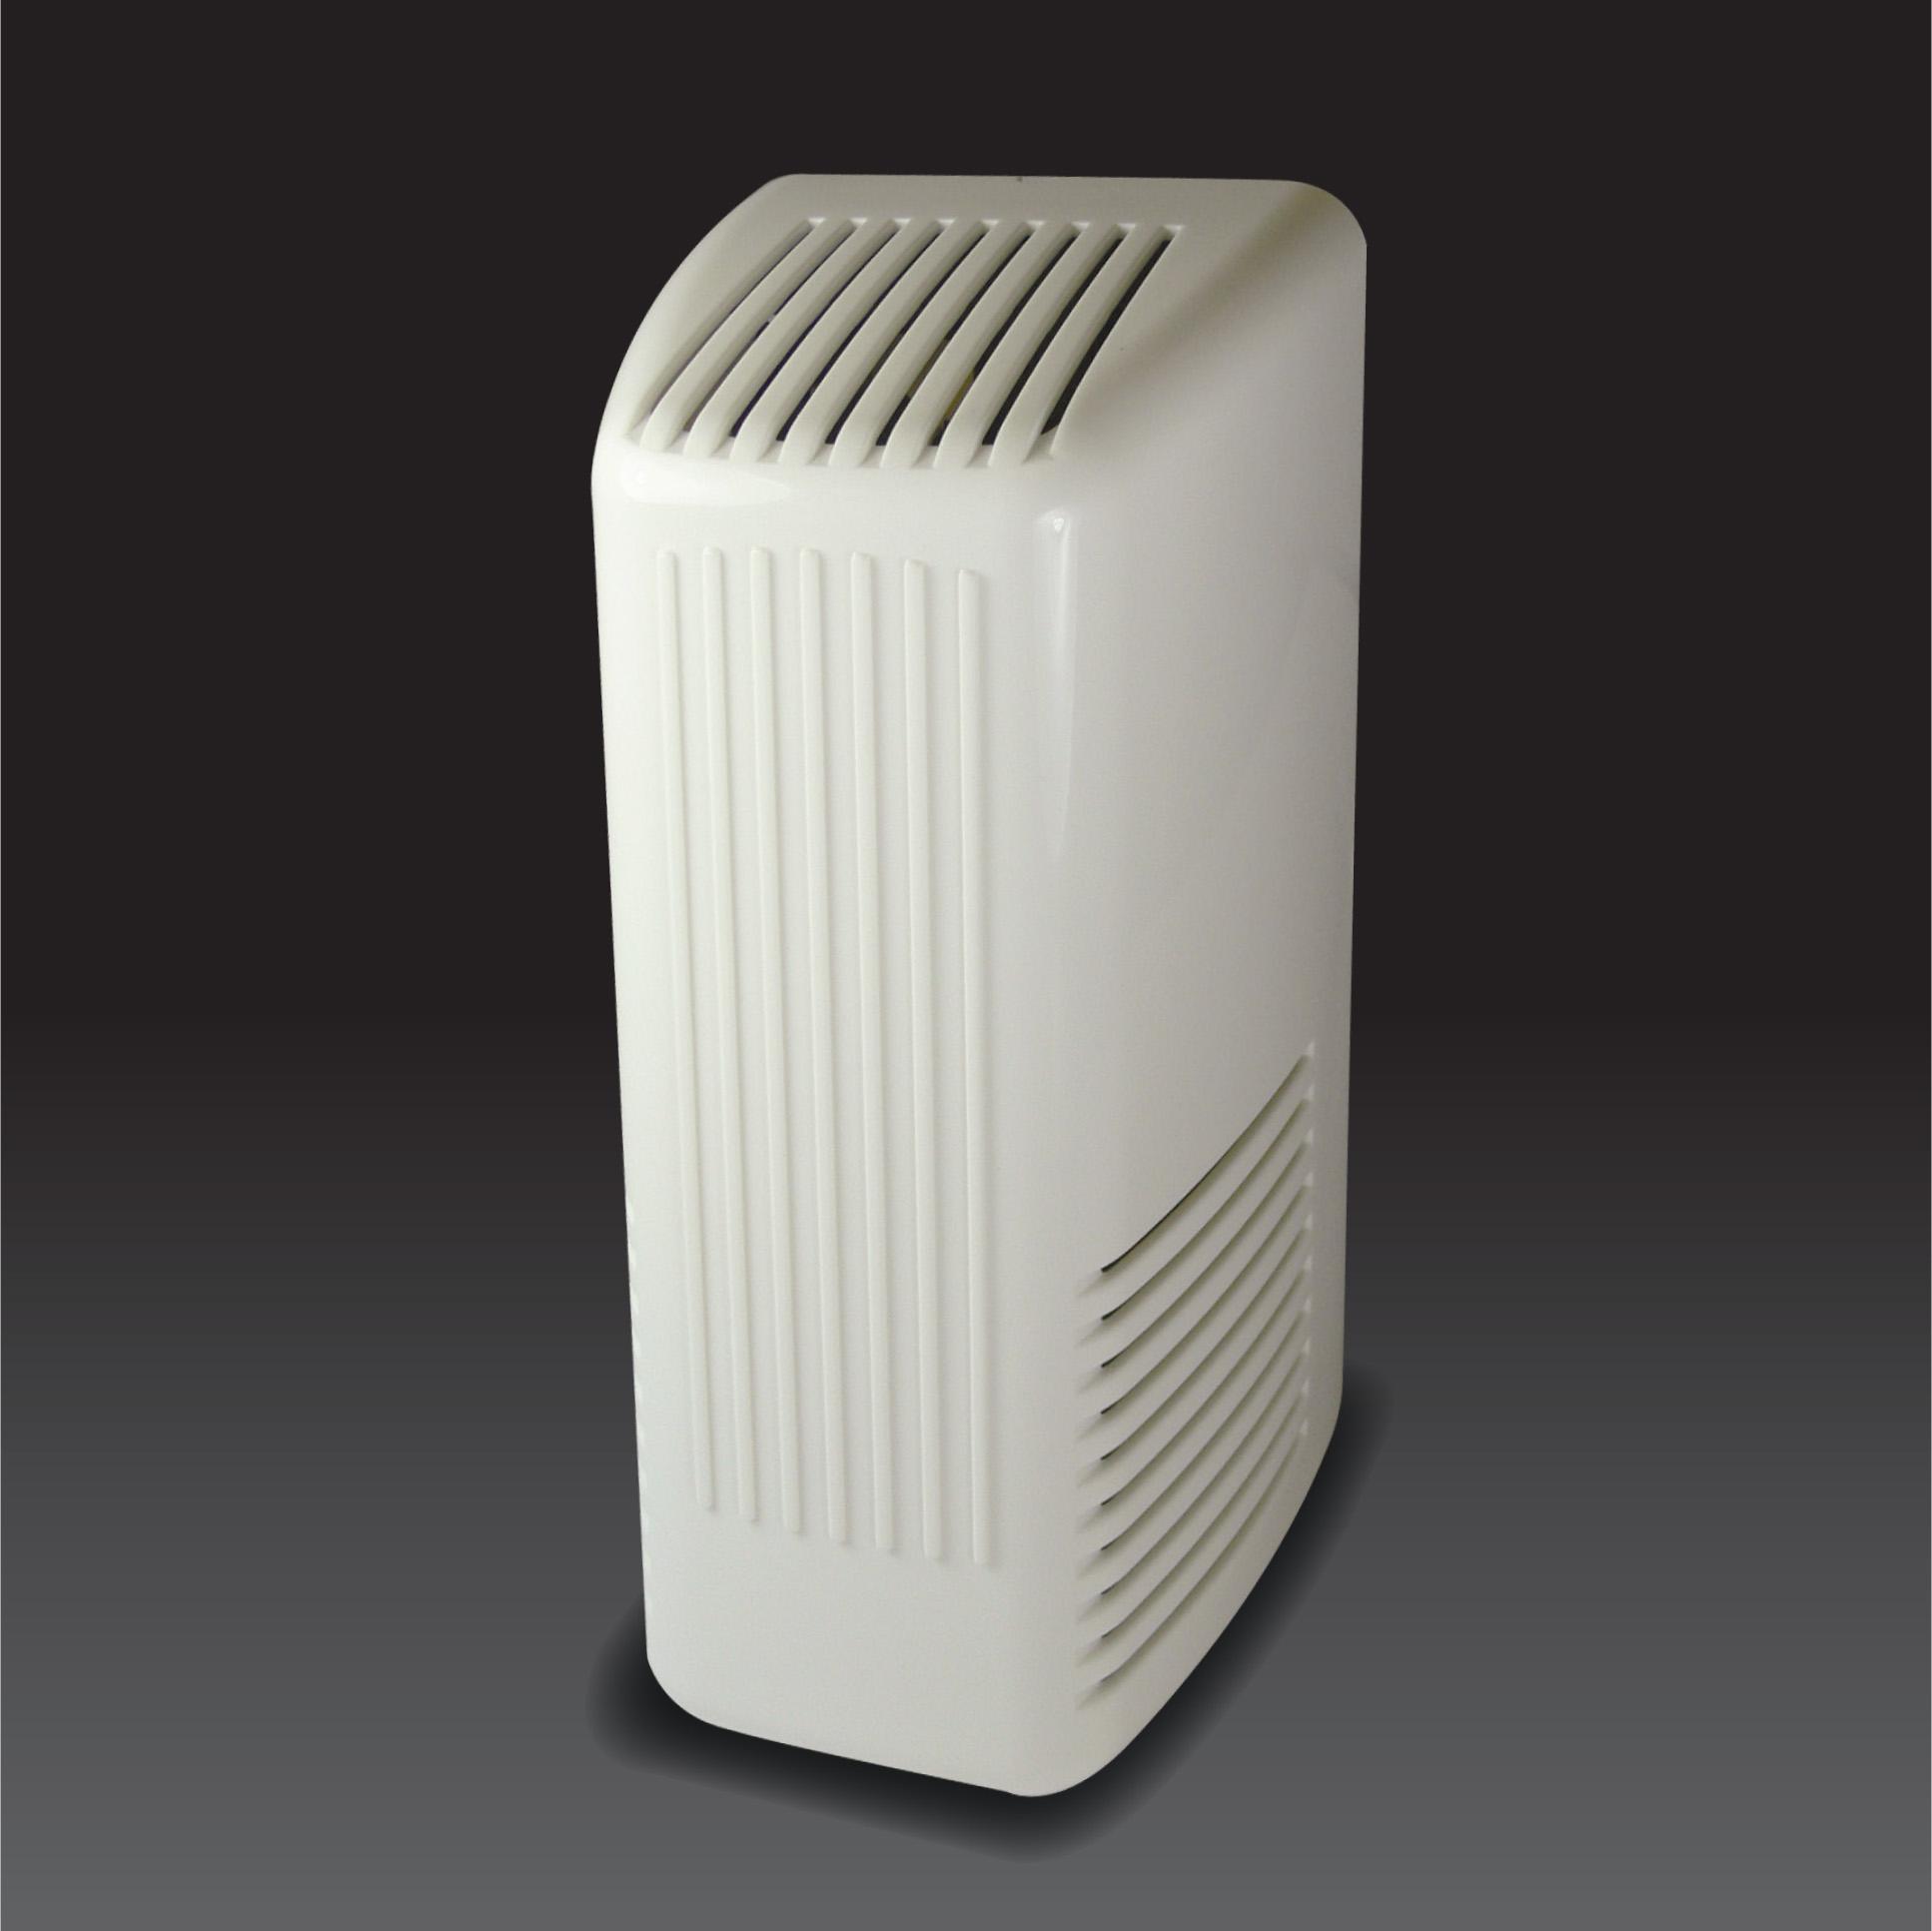 API-2000 Air Freshener Dispenser